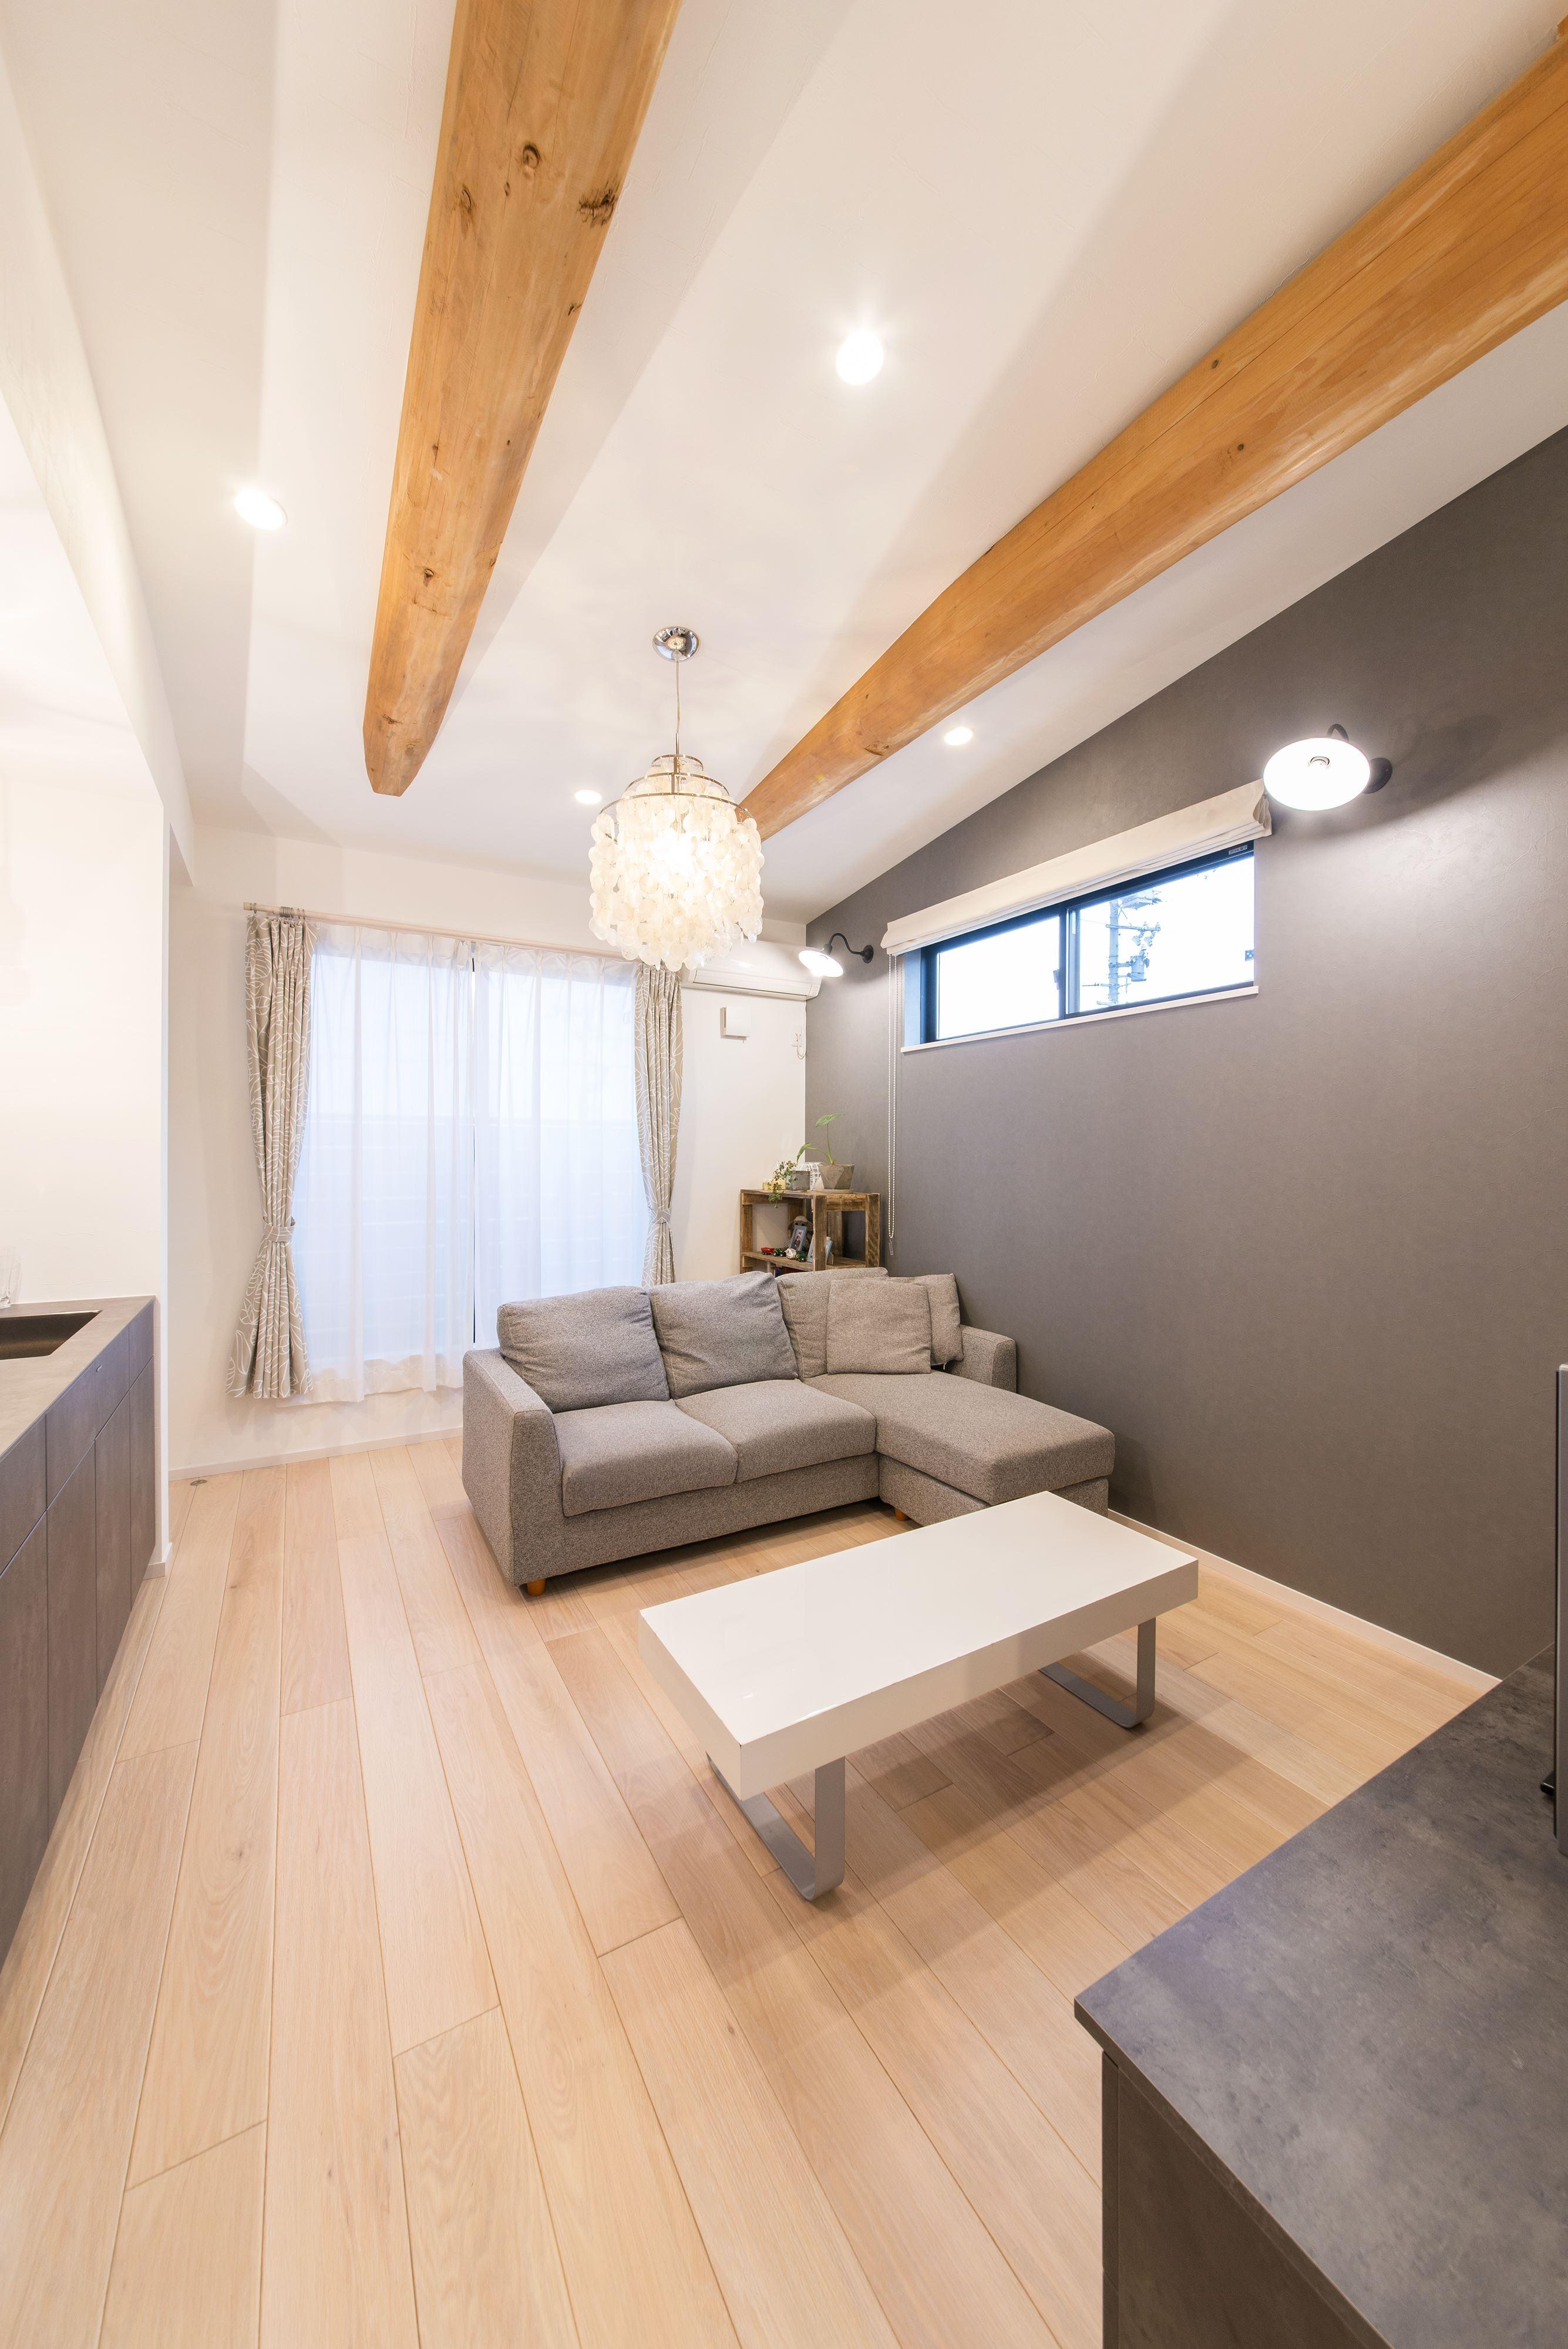 リビングダイニング事例:現地調査の際に見つけた2本の松の梁を現わしにするために勾配天井に。(2階を増築して、デザイン性の高い上下分離型の二世帯住宅にリフォーム。)